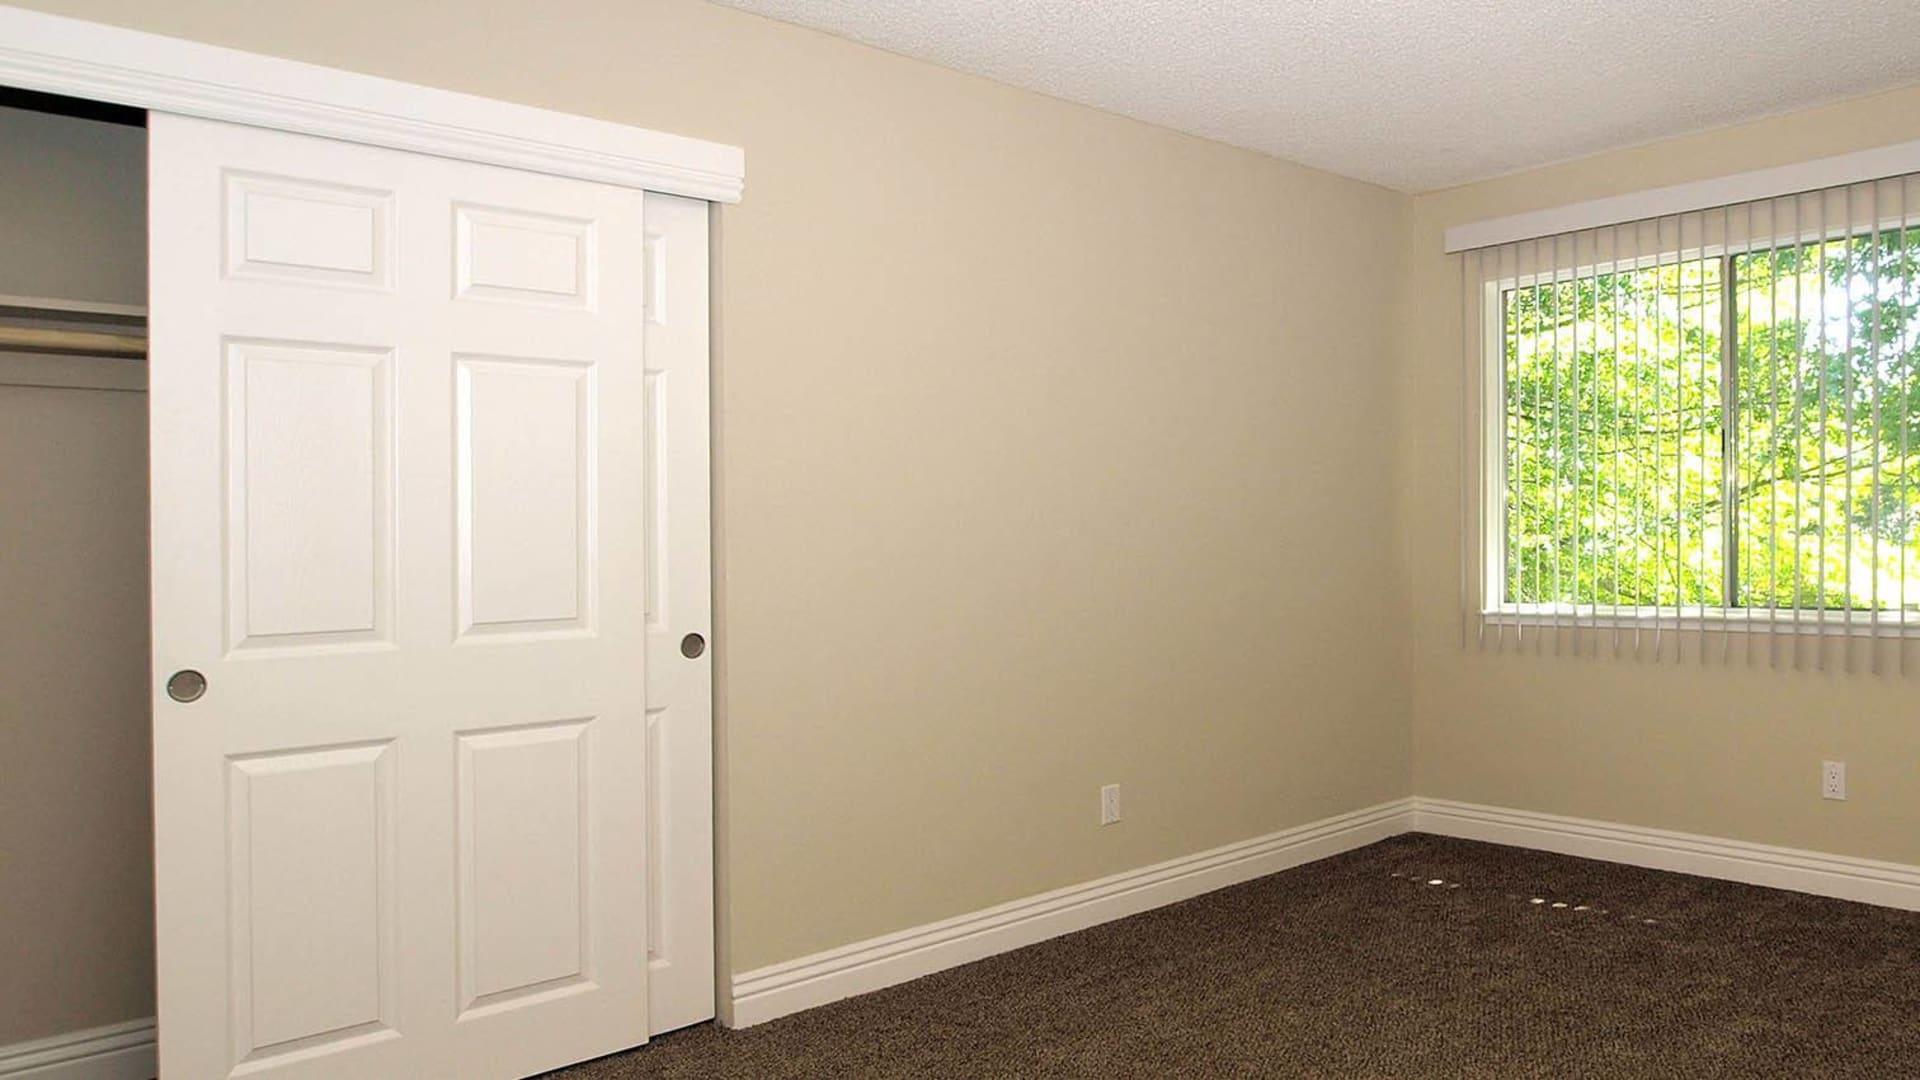 Bedroom and closet at Spring Lake Apartment Homes in Santa Rosa, California